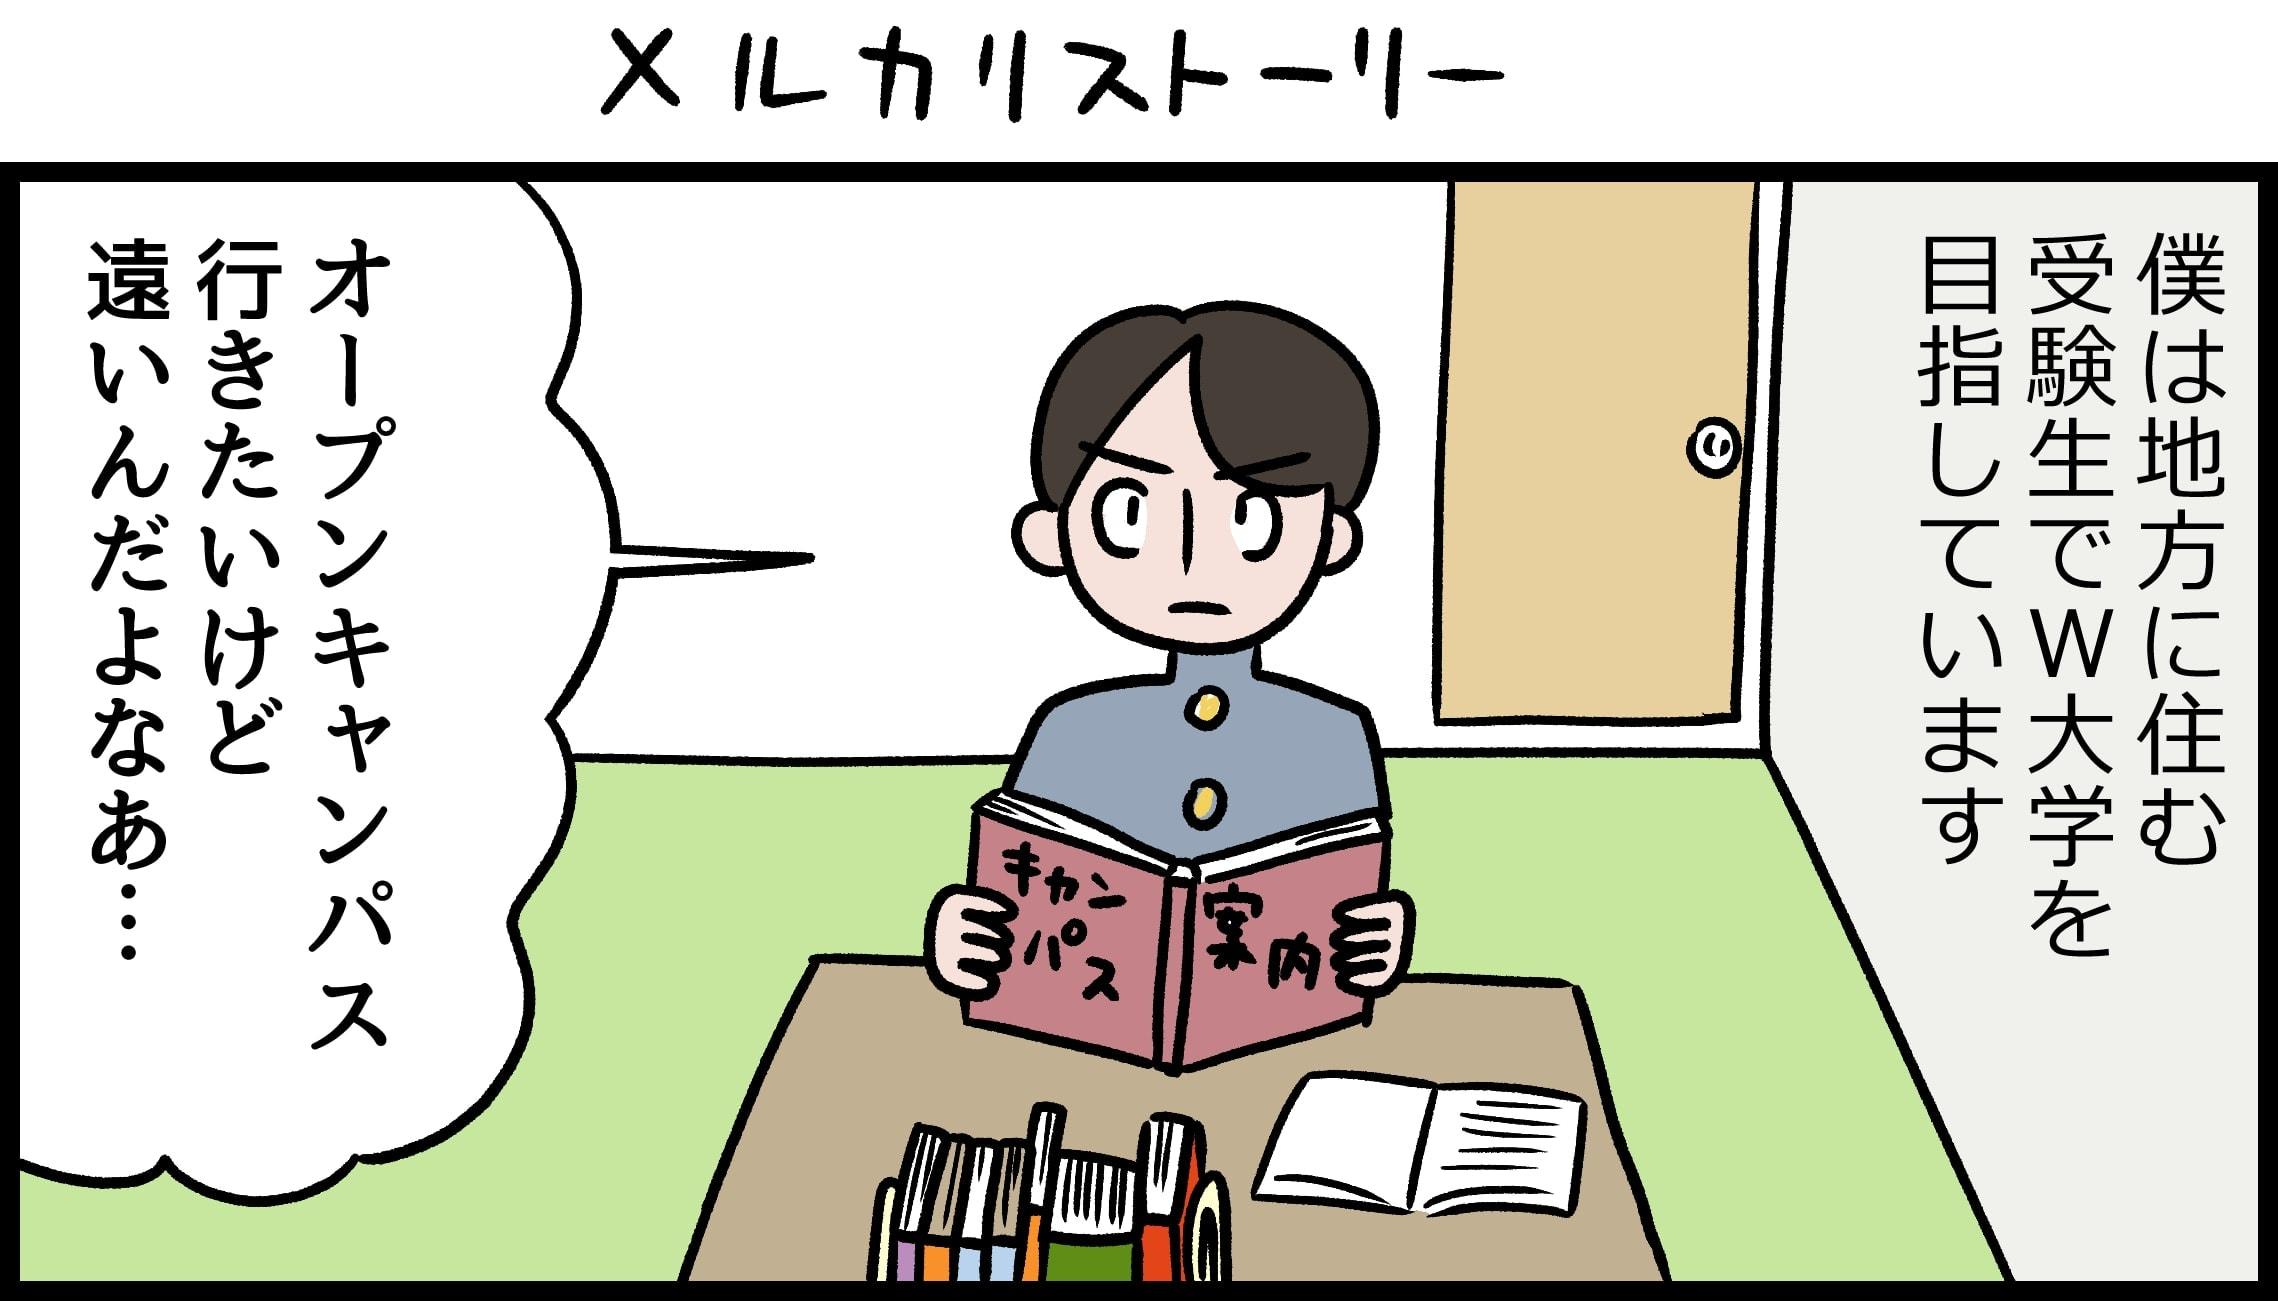 地方から東京の大学を目指す受験生